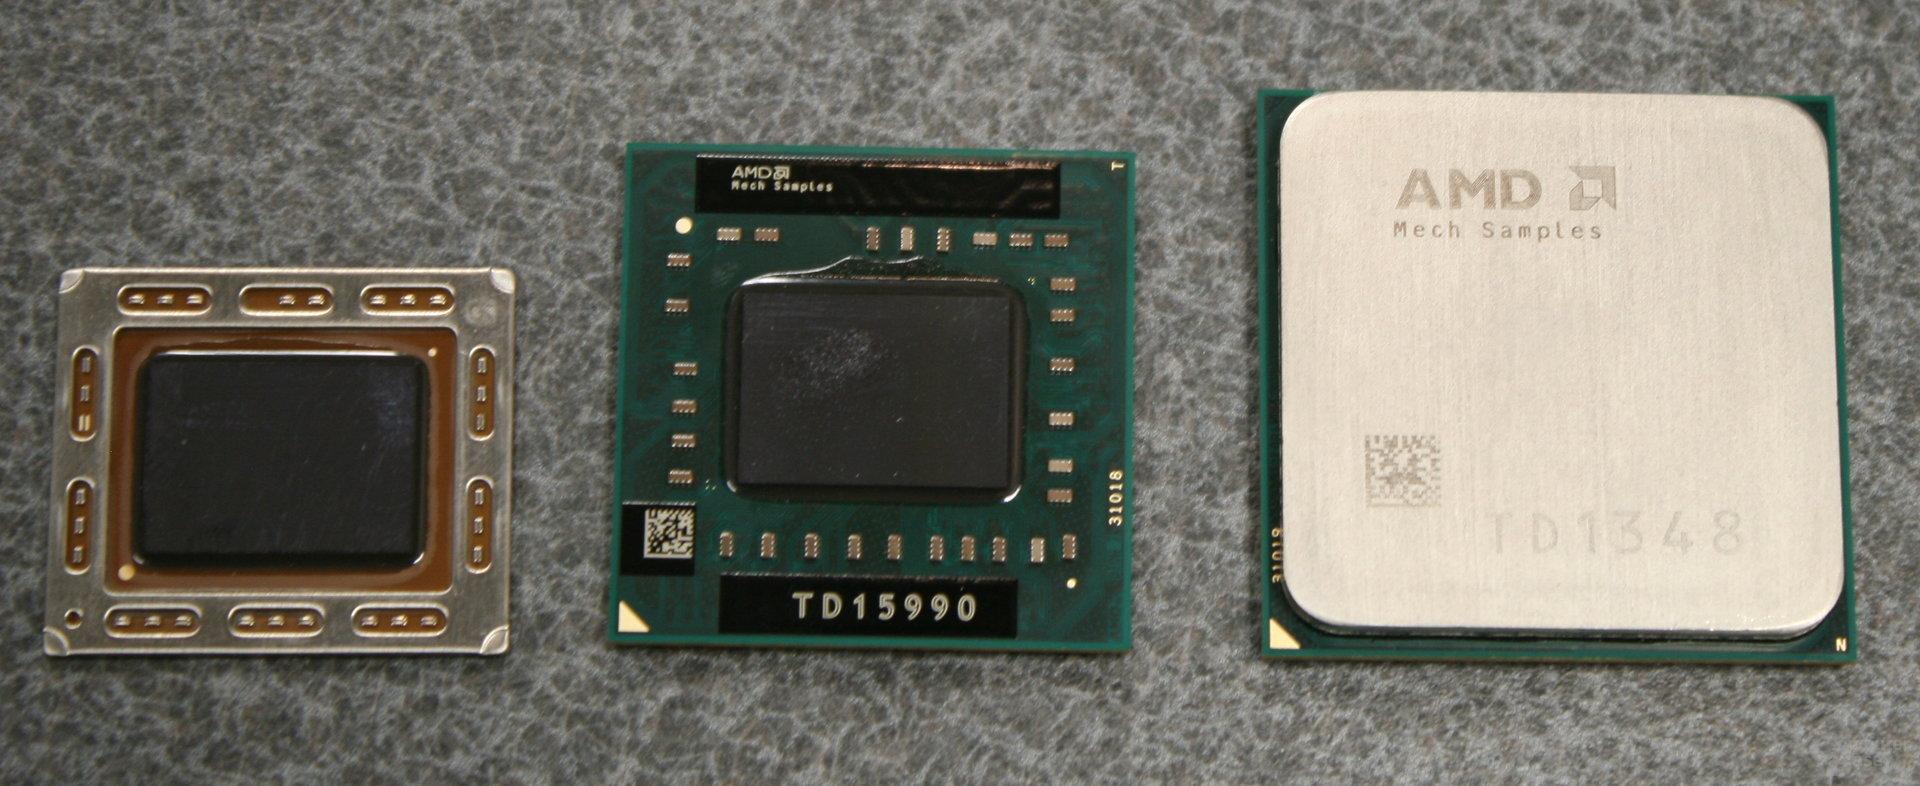 Drei APUs - Zwei fürs Notebook und einer für Desktop